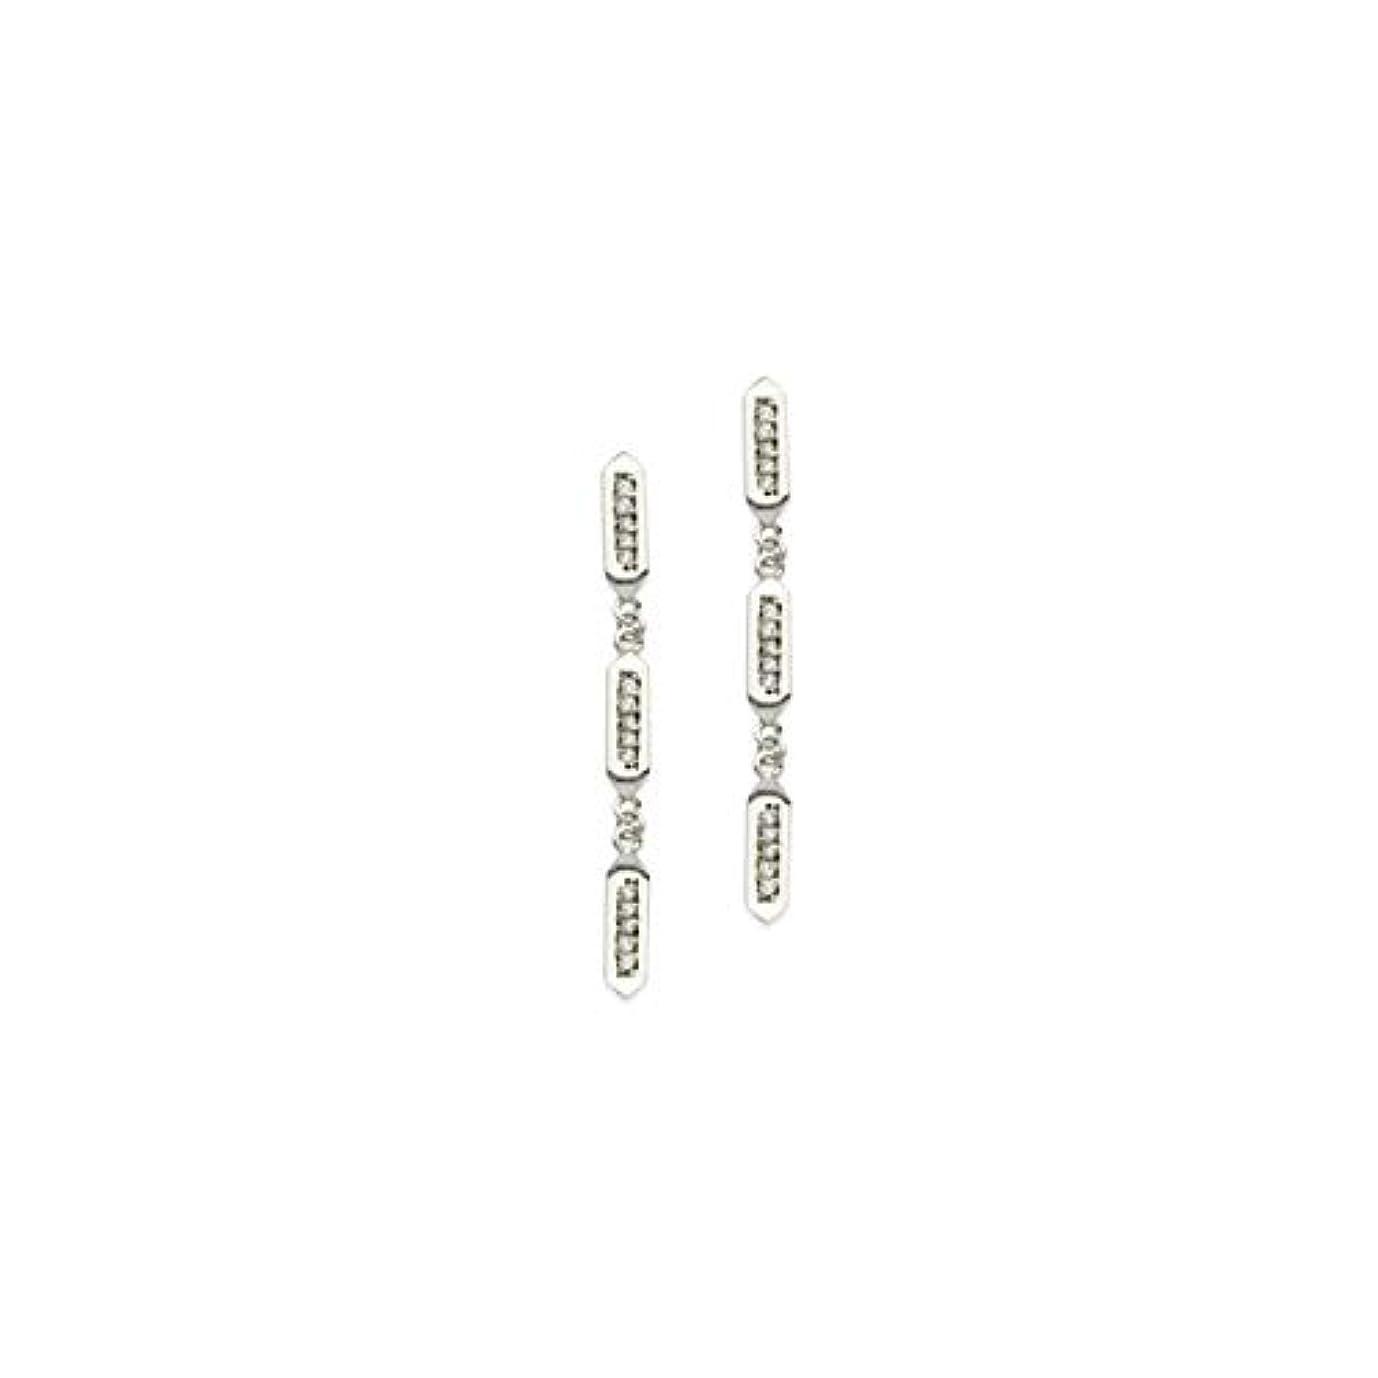 無線湖差し引くイヤリング チェスト 14K ホワイトゴールド 1/6カラット tw ダイヤモンド トリオ ヘキサゴン ダングルピアス